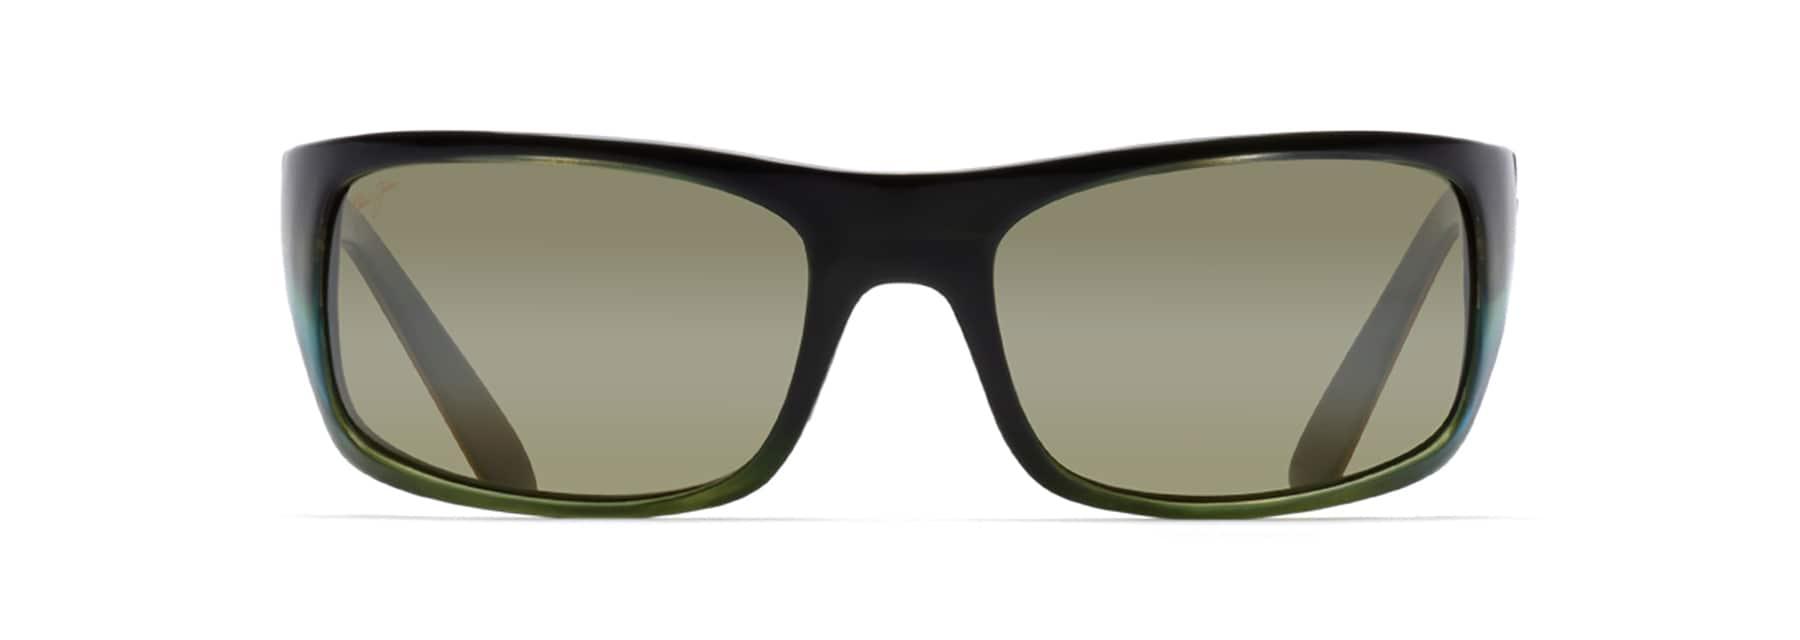 83a78ac42908 Peahi Polarised Sunglasses | Maui Jim®